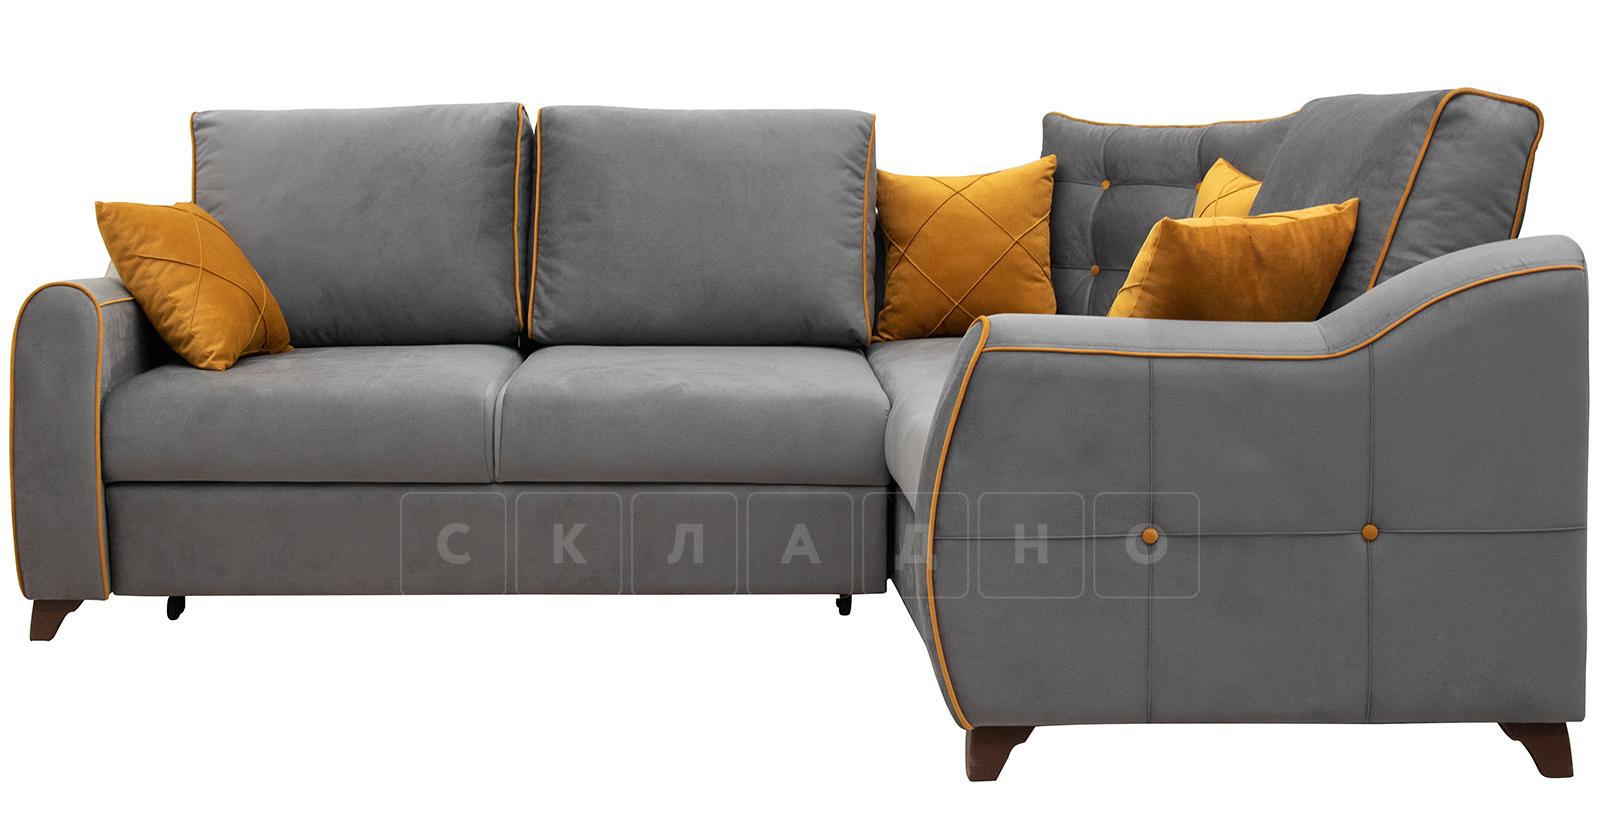 Диван-кровать угловой Флэтфорд кварцевый серый фото 1   интернет-магазин Складно